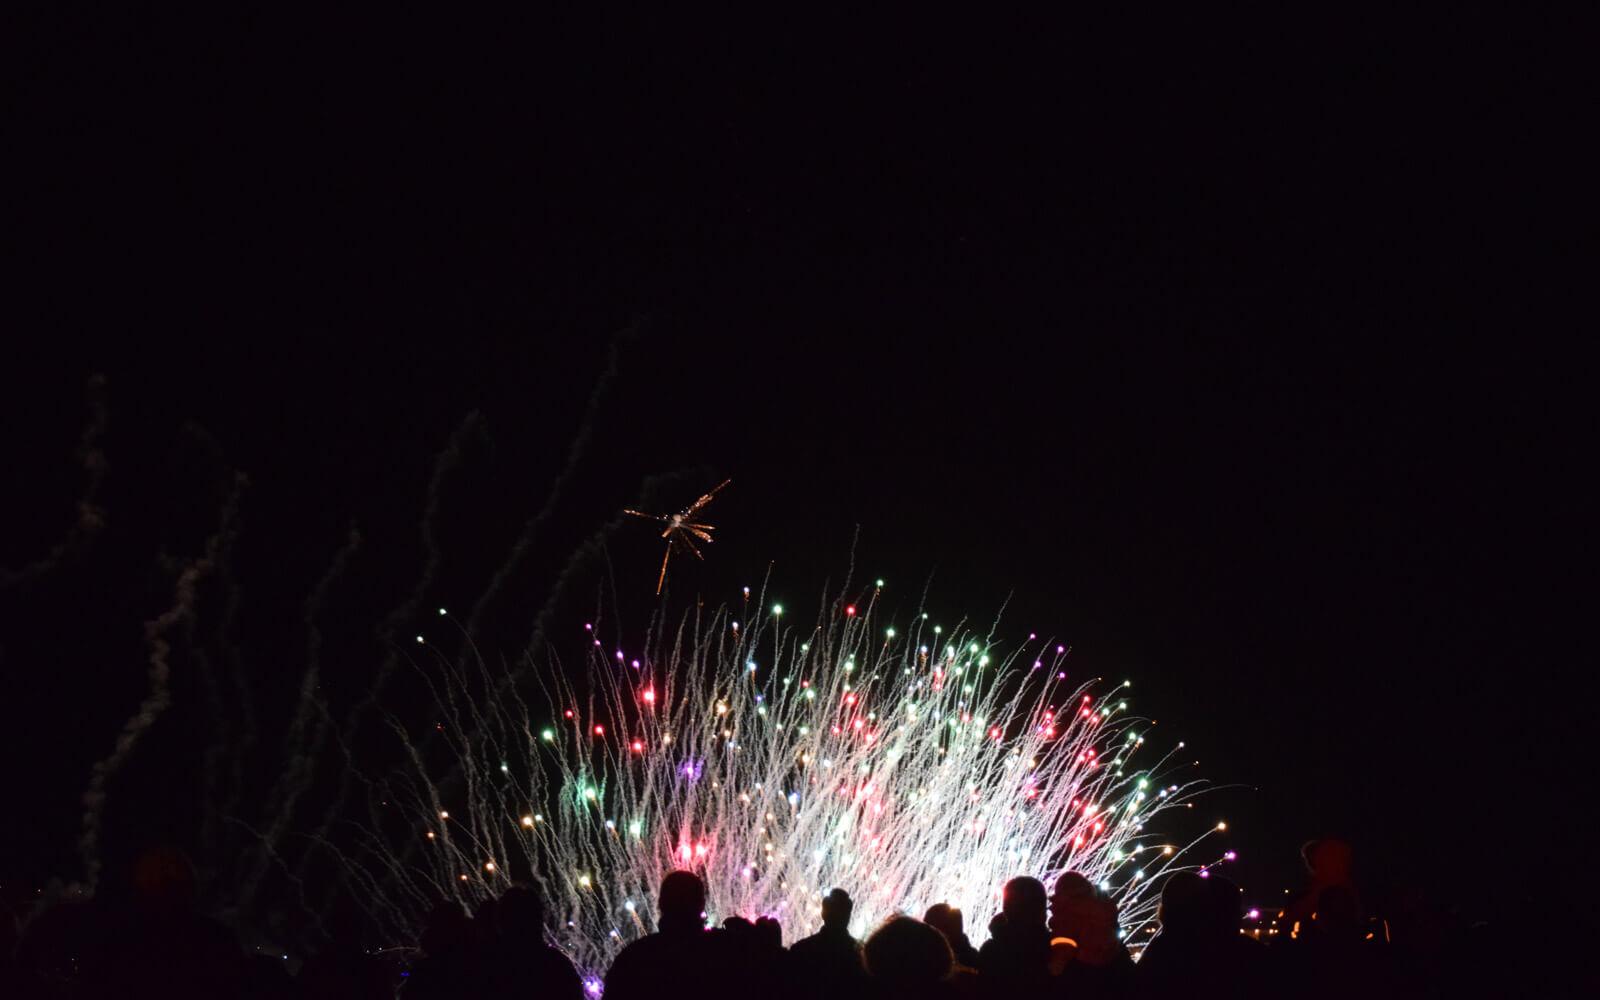 Feuerwerk an Silvester